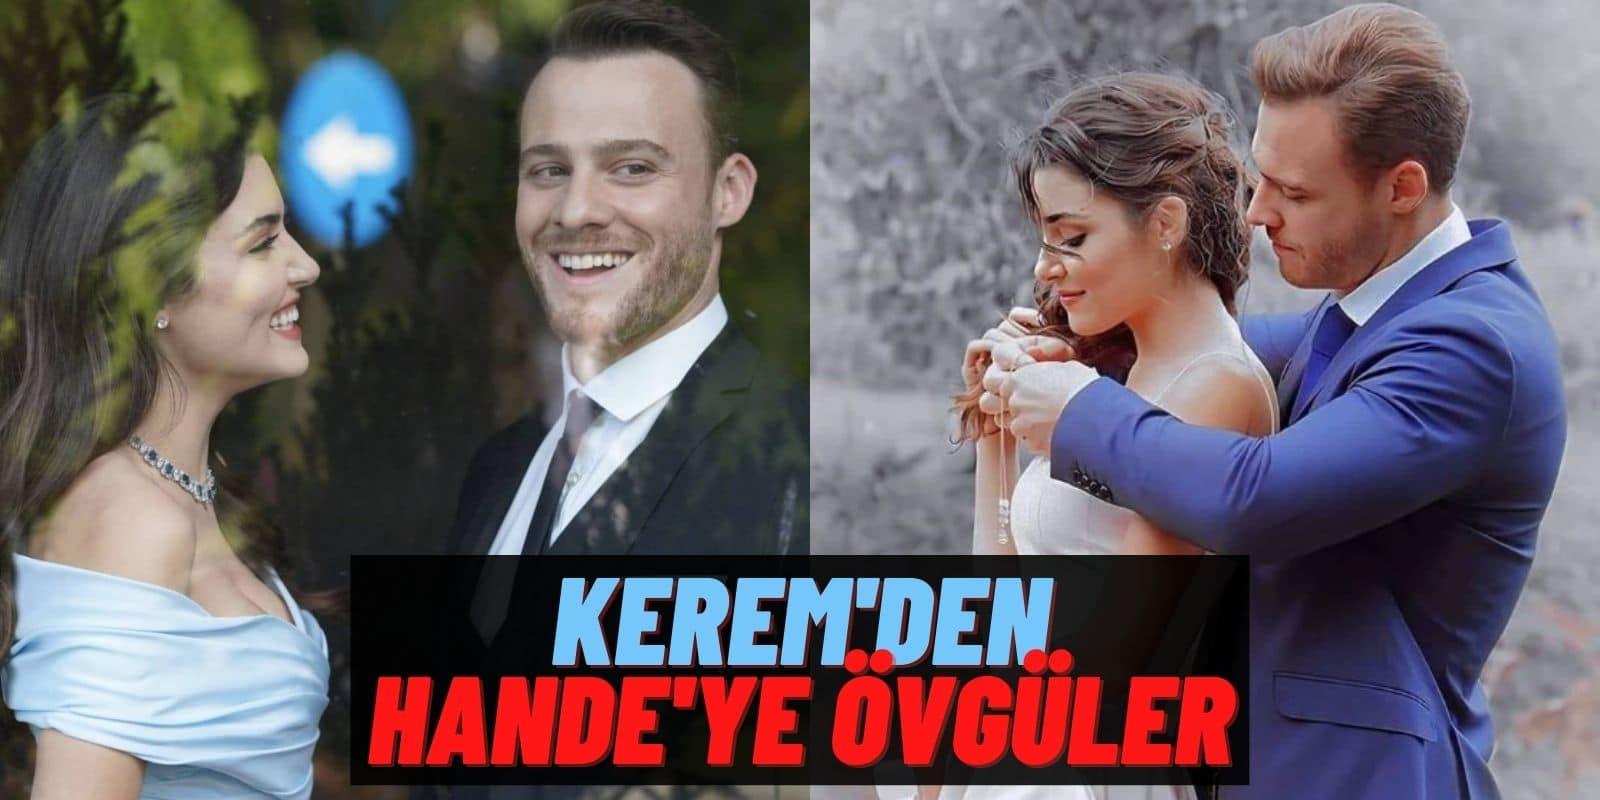 Dedikodulara İnat Yan Yana! Kerem Bürsin Hande Erçel'e Canlı Yayında Övgüler Yağdırdı